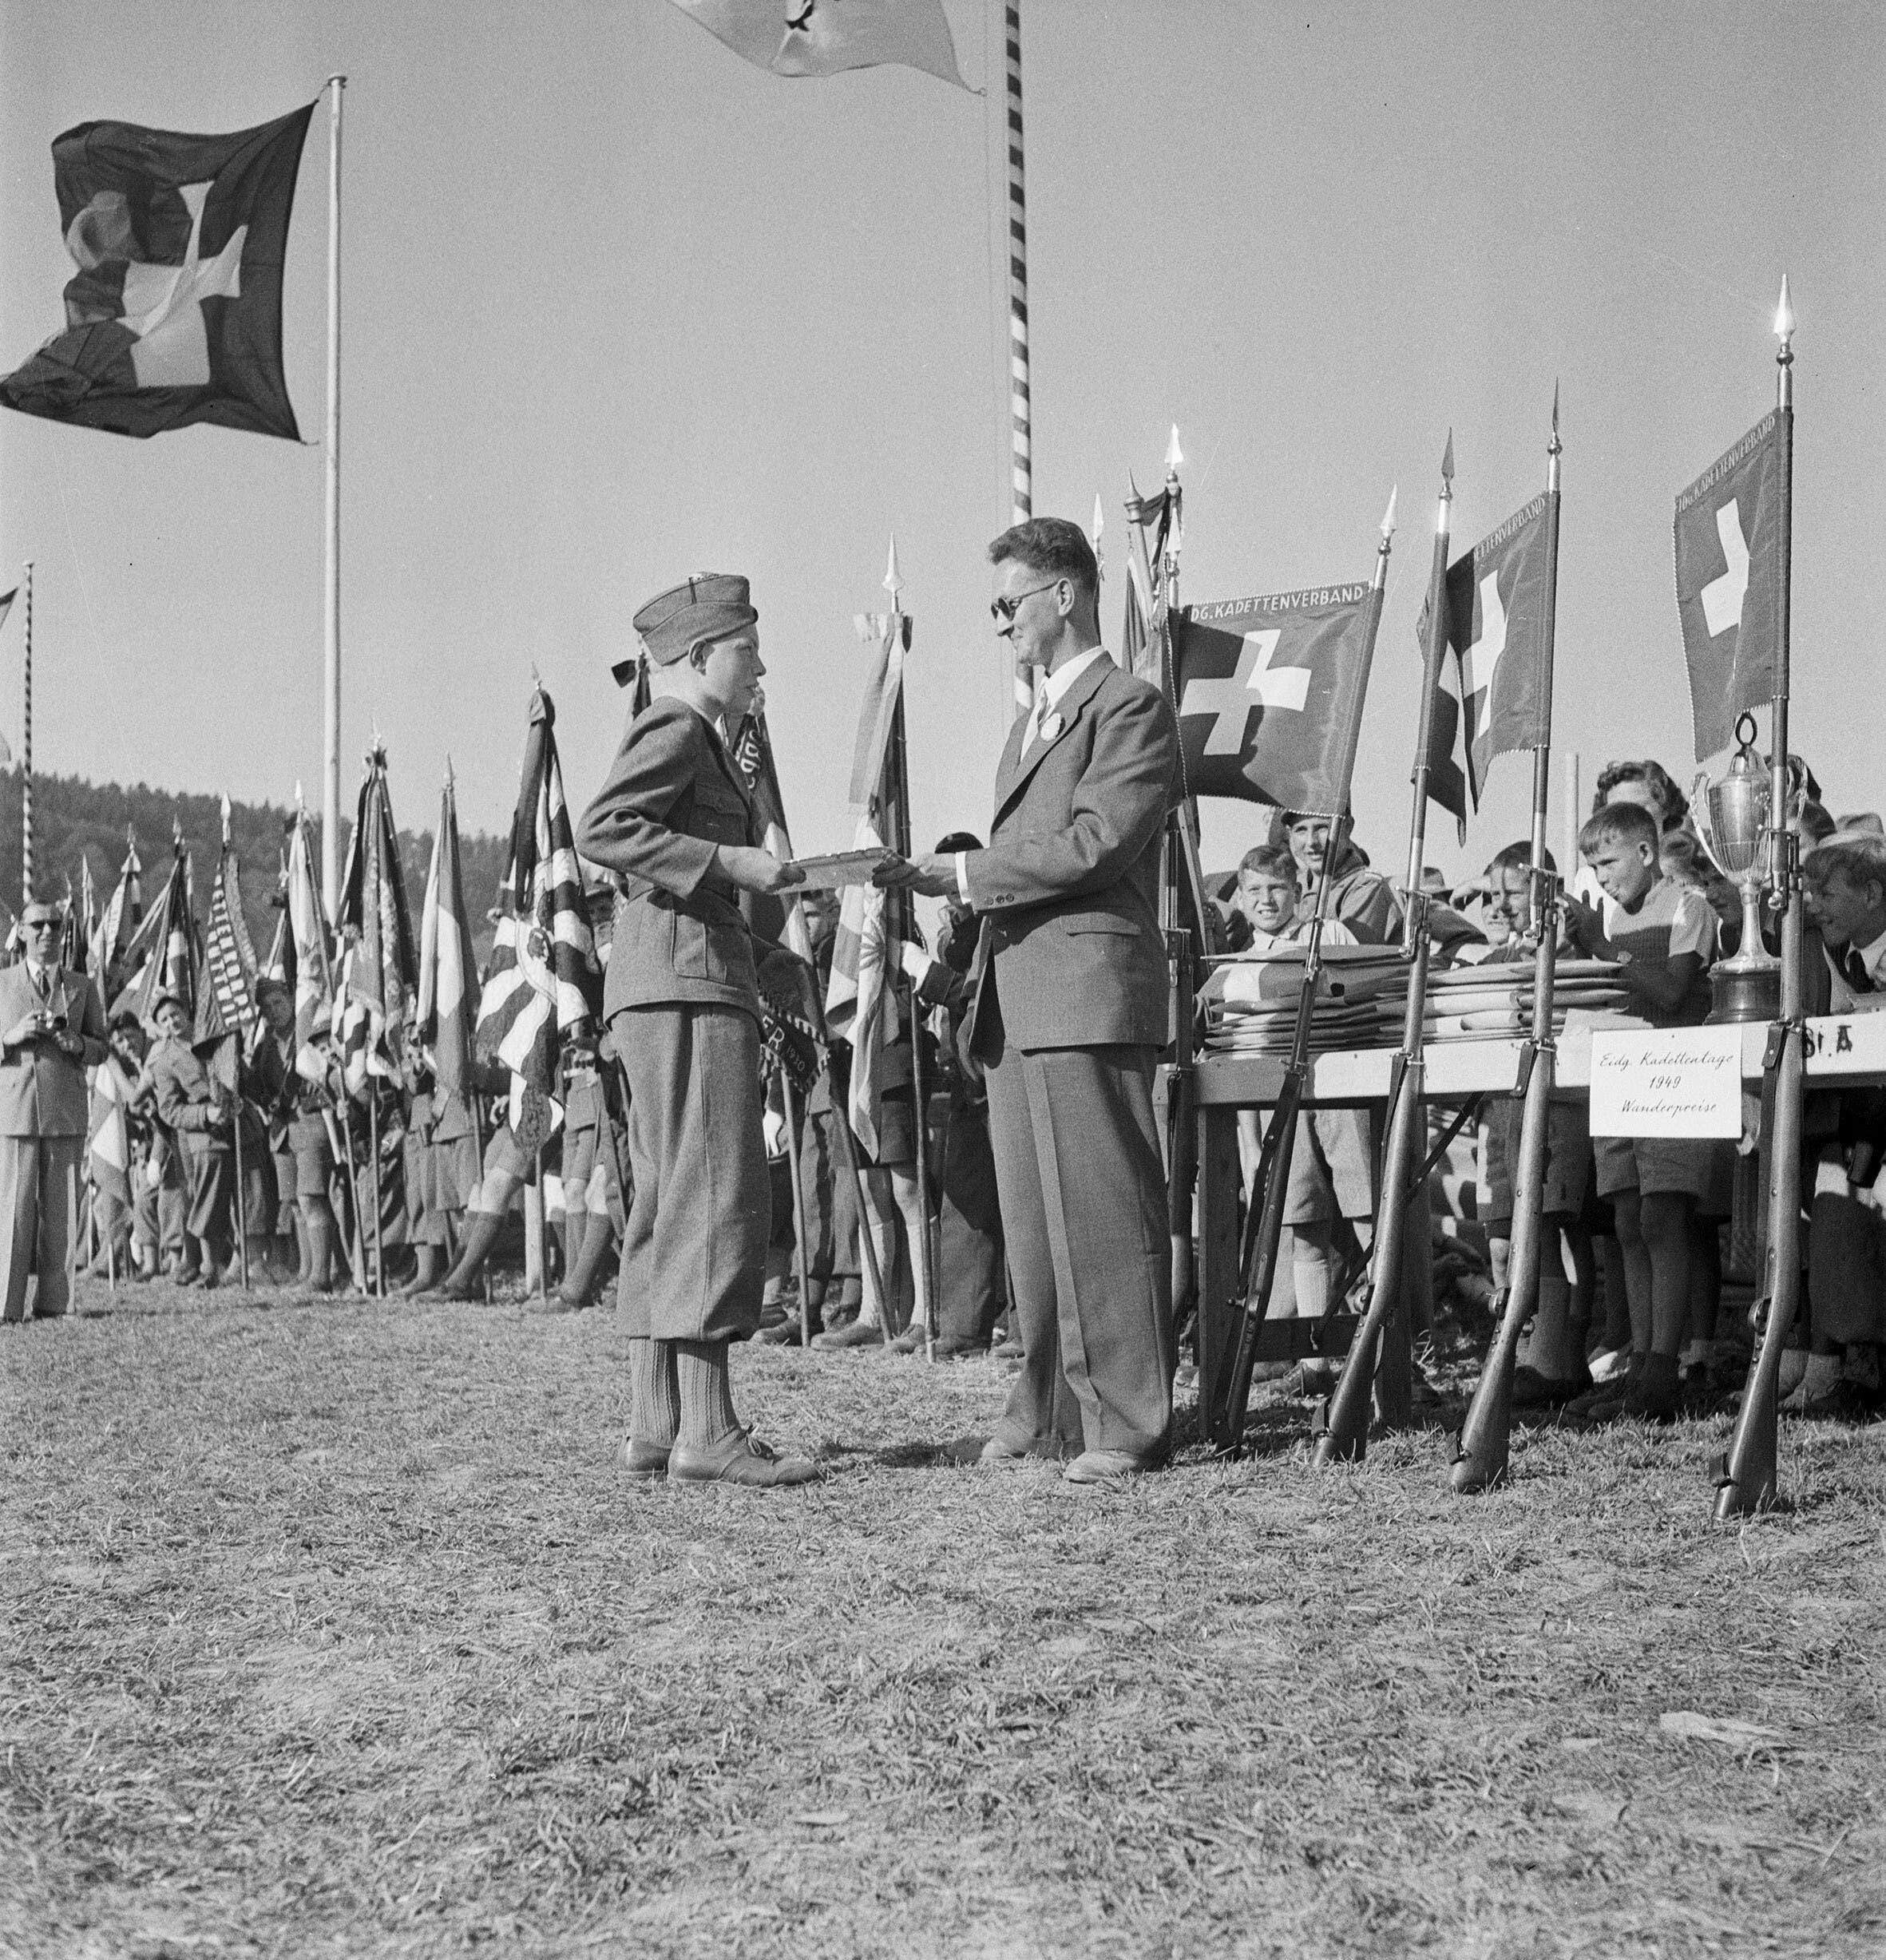 Übergabe Wanderpreis bei den eidgenössischen Kadettentagen in Aarau, 11.9.1949